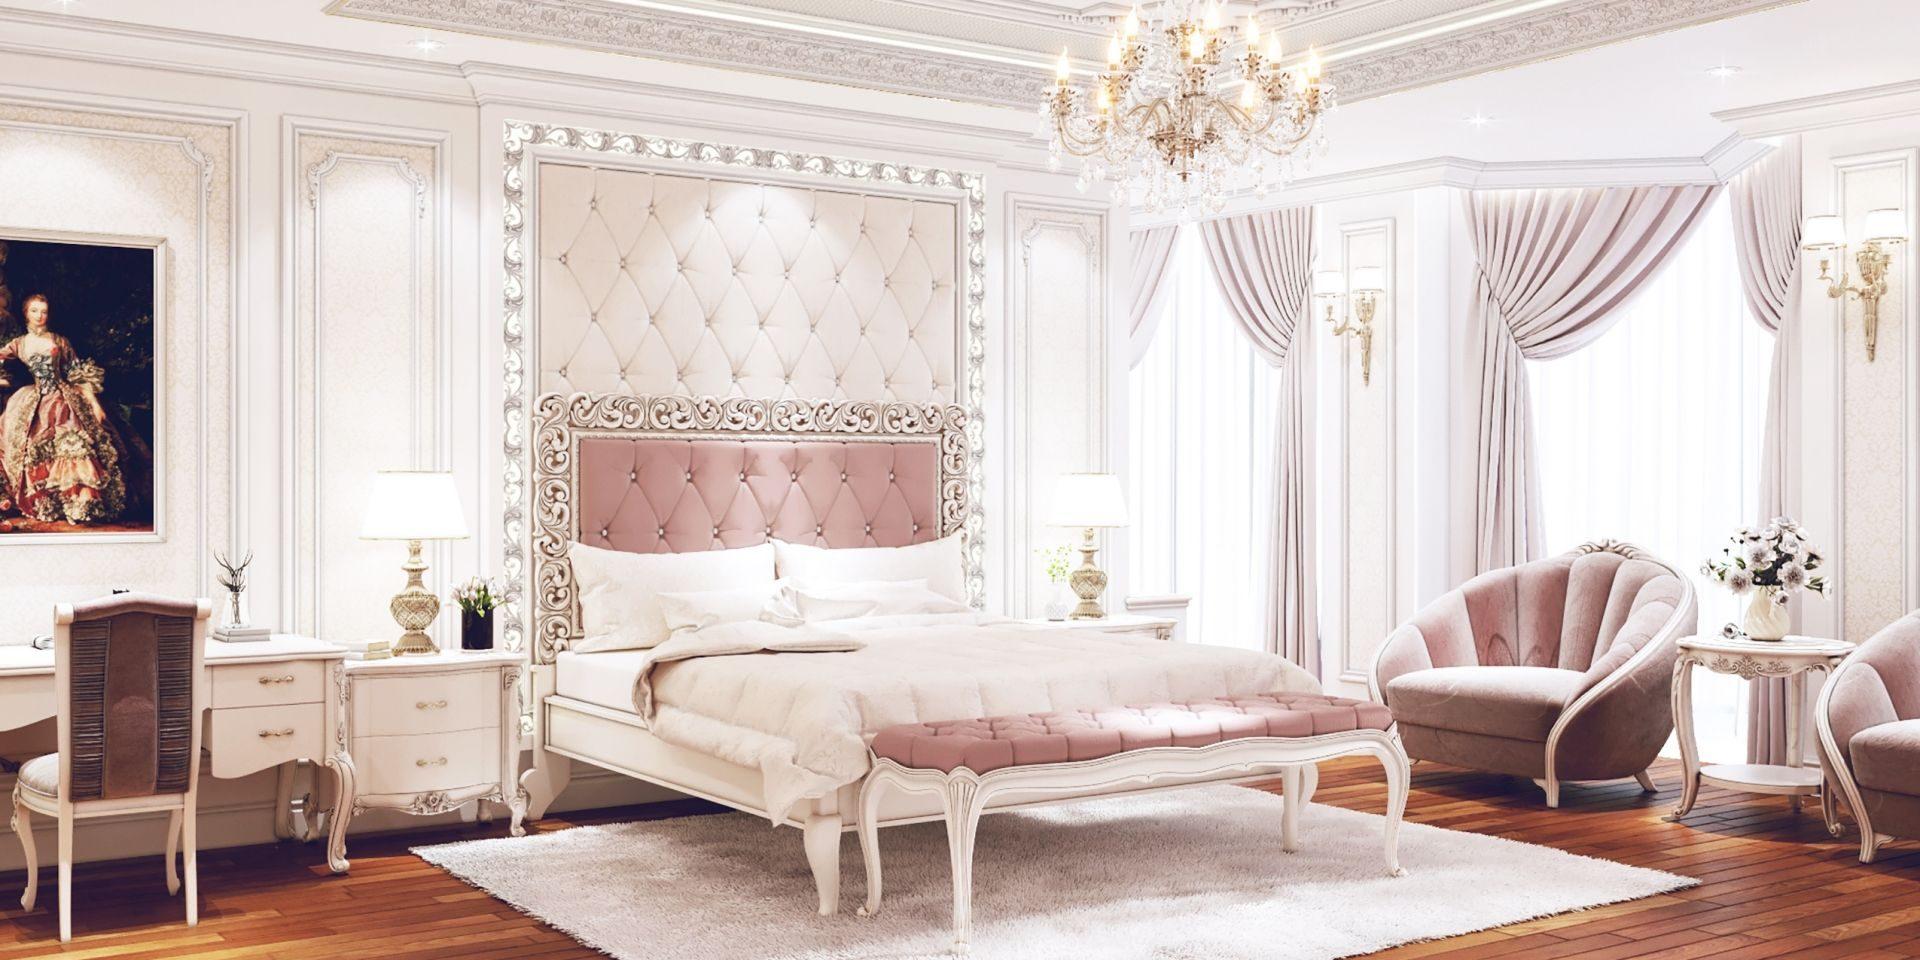 Nếu bạn là người yêu thích phong cách hoàng gia vương giả và những thiết kế nhẹ nhàng, đậm chất Tây phương, hãy trang trí căn phòng ngủ như thế này